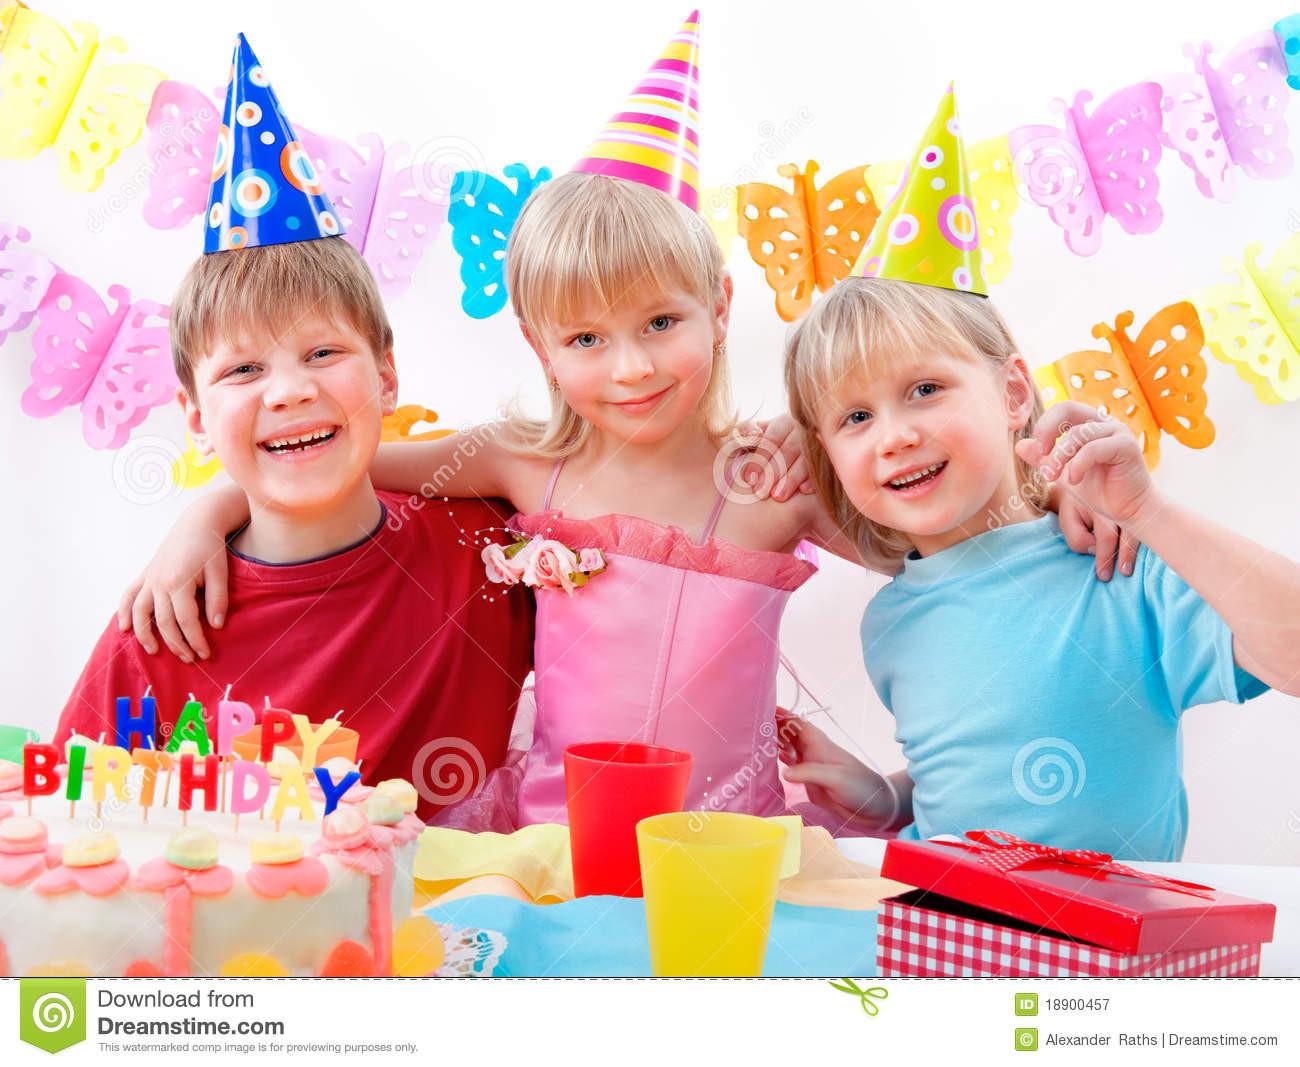 Geburtstagsfeier  Geburtstagsfeier stockbild Bild von haupt dekoration